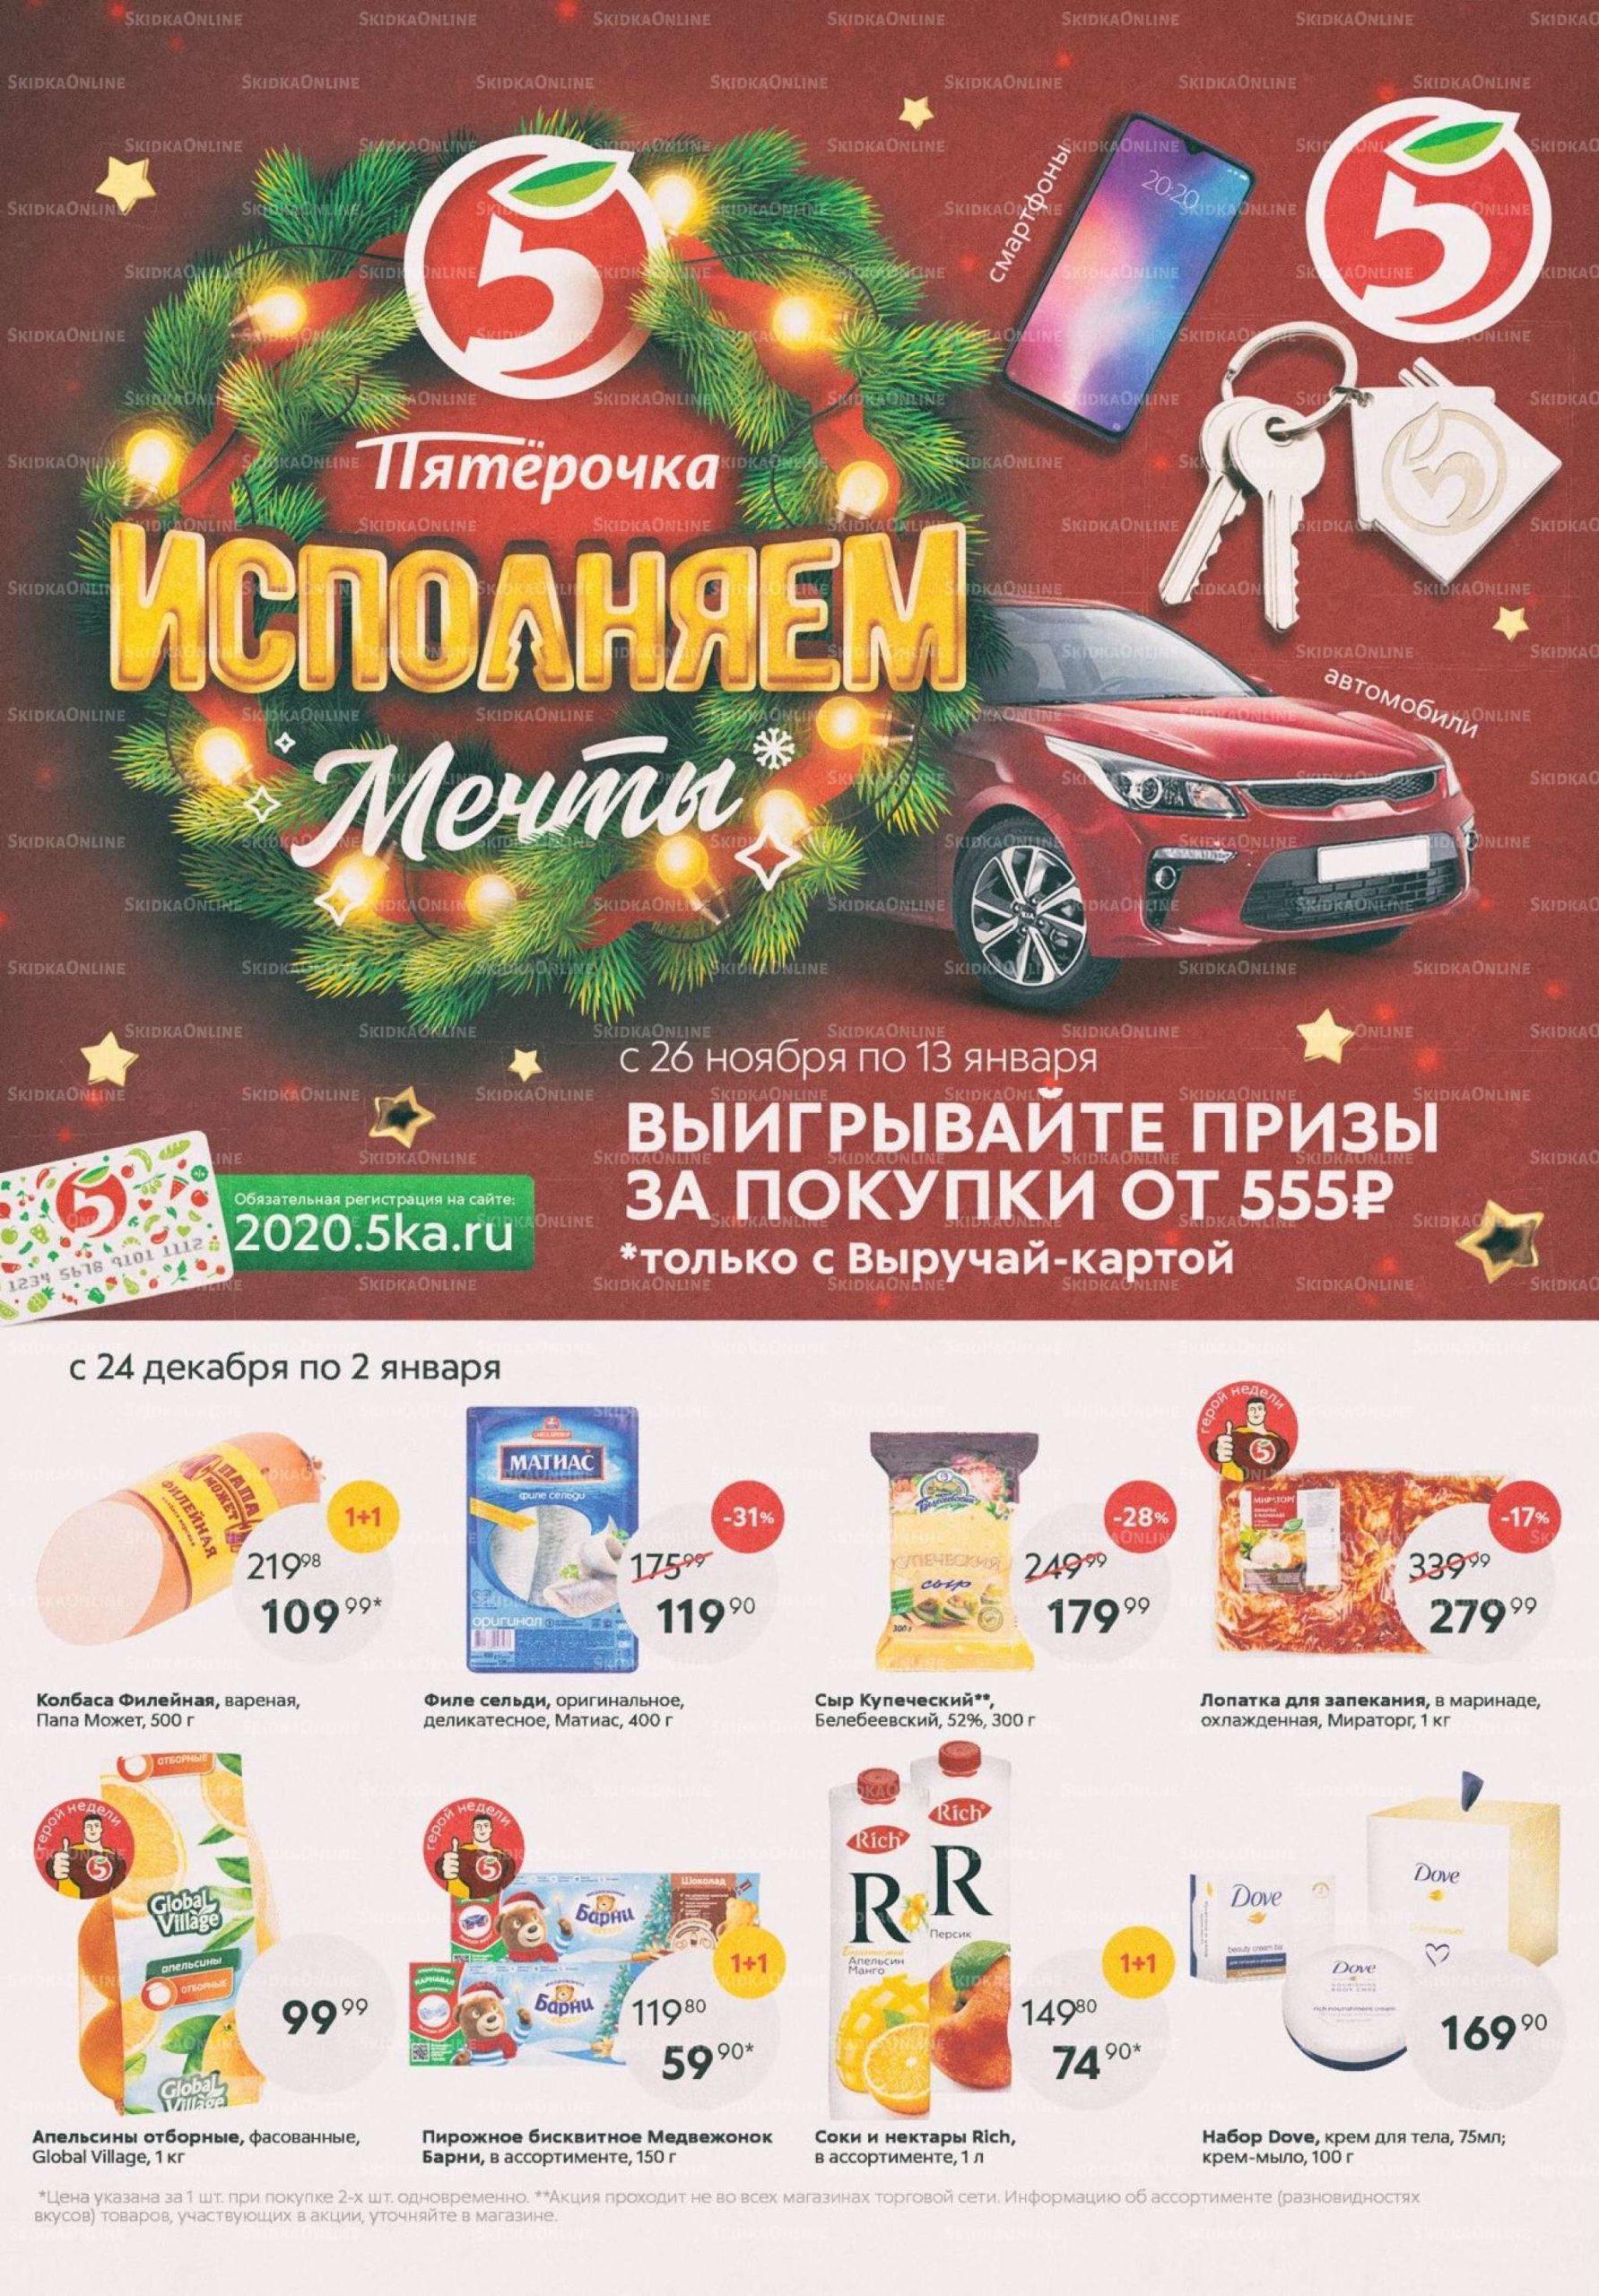 Акции в Пятёрочке с 24 декабря 2019 года по 2 января 2020 года